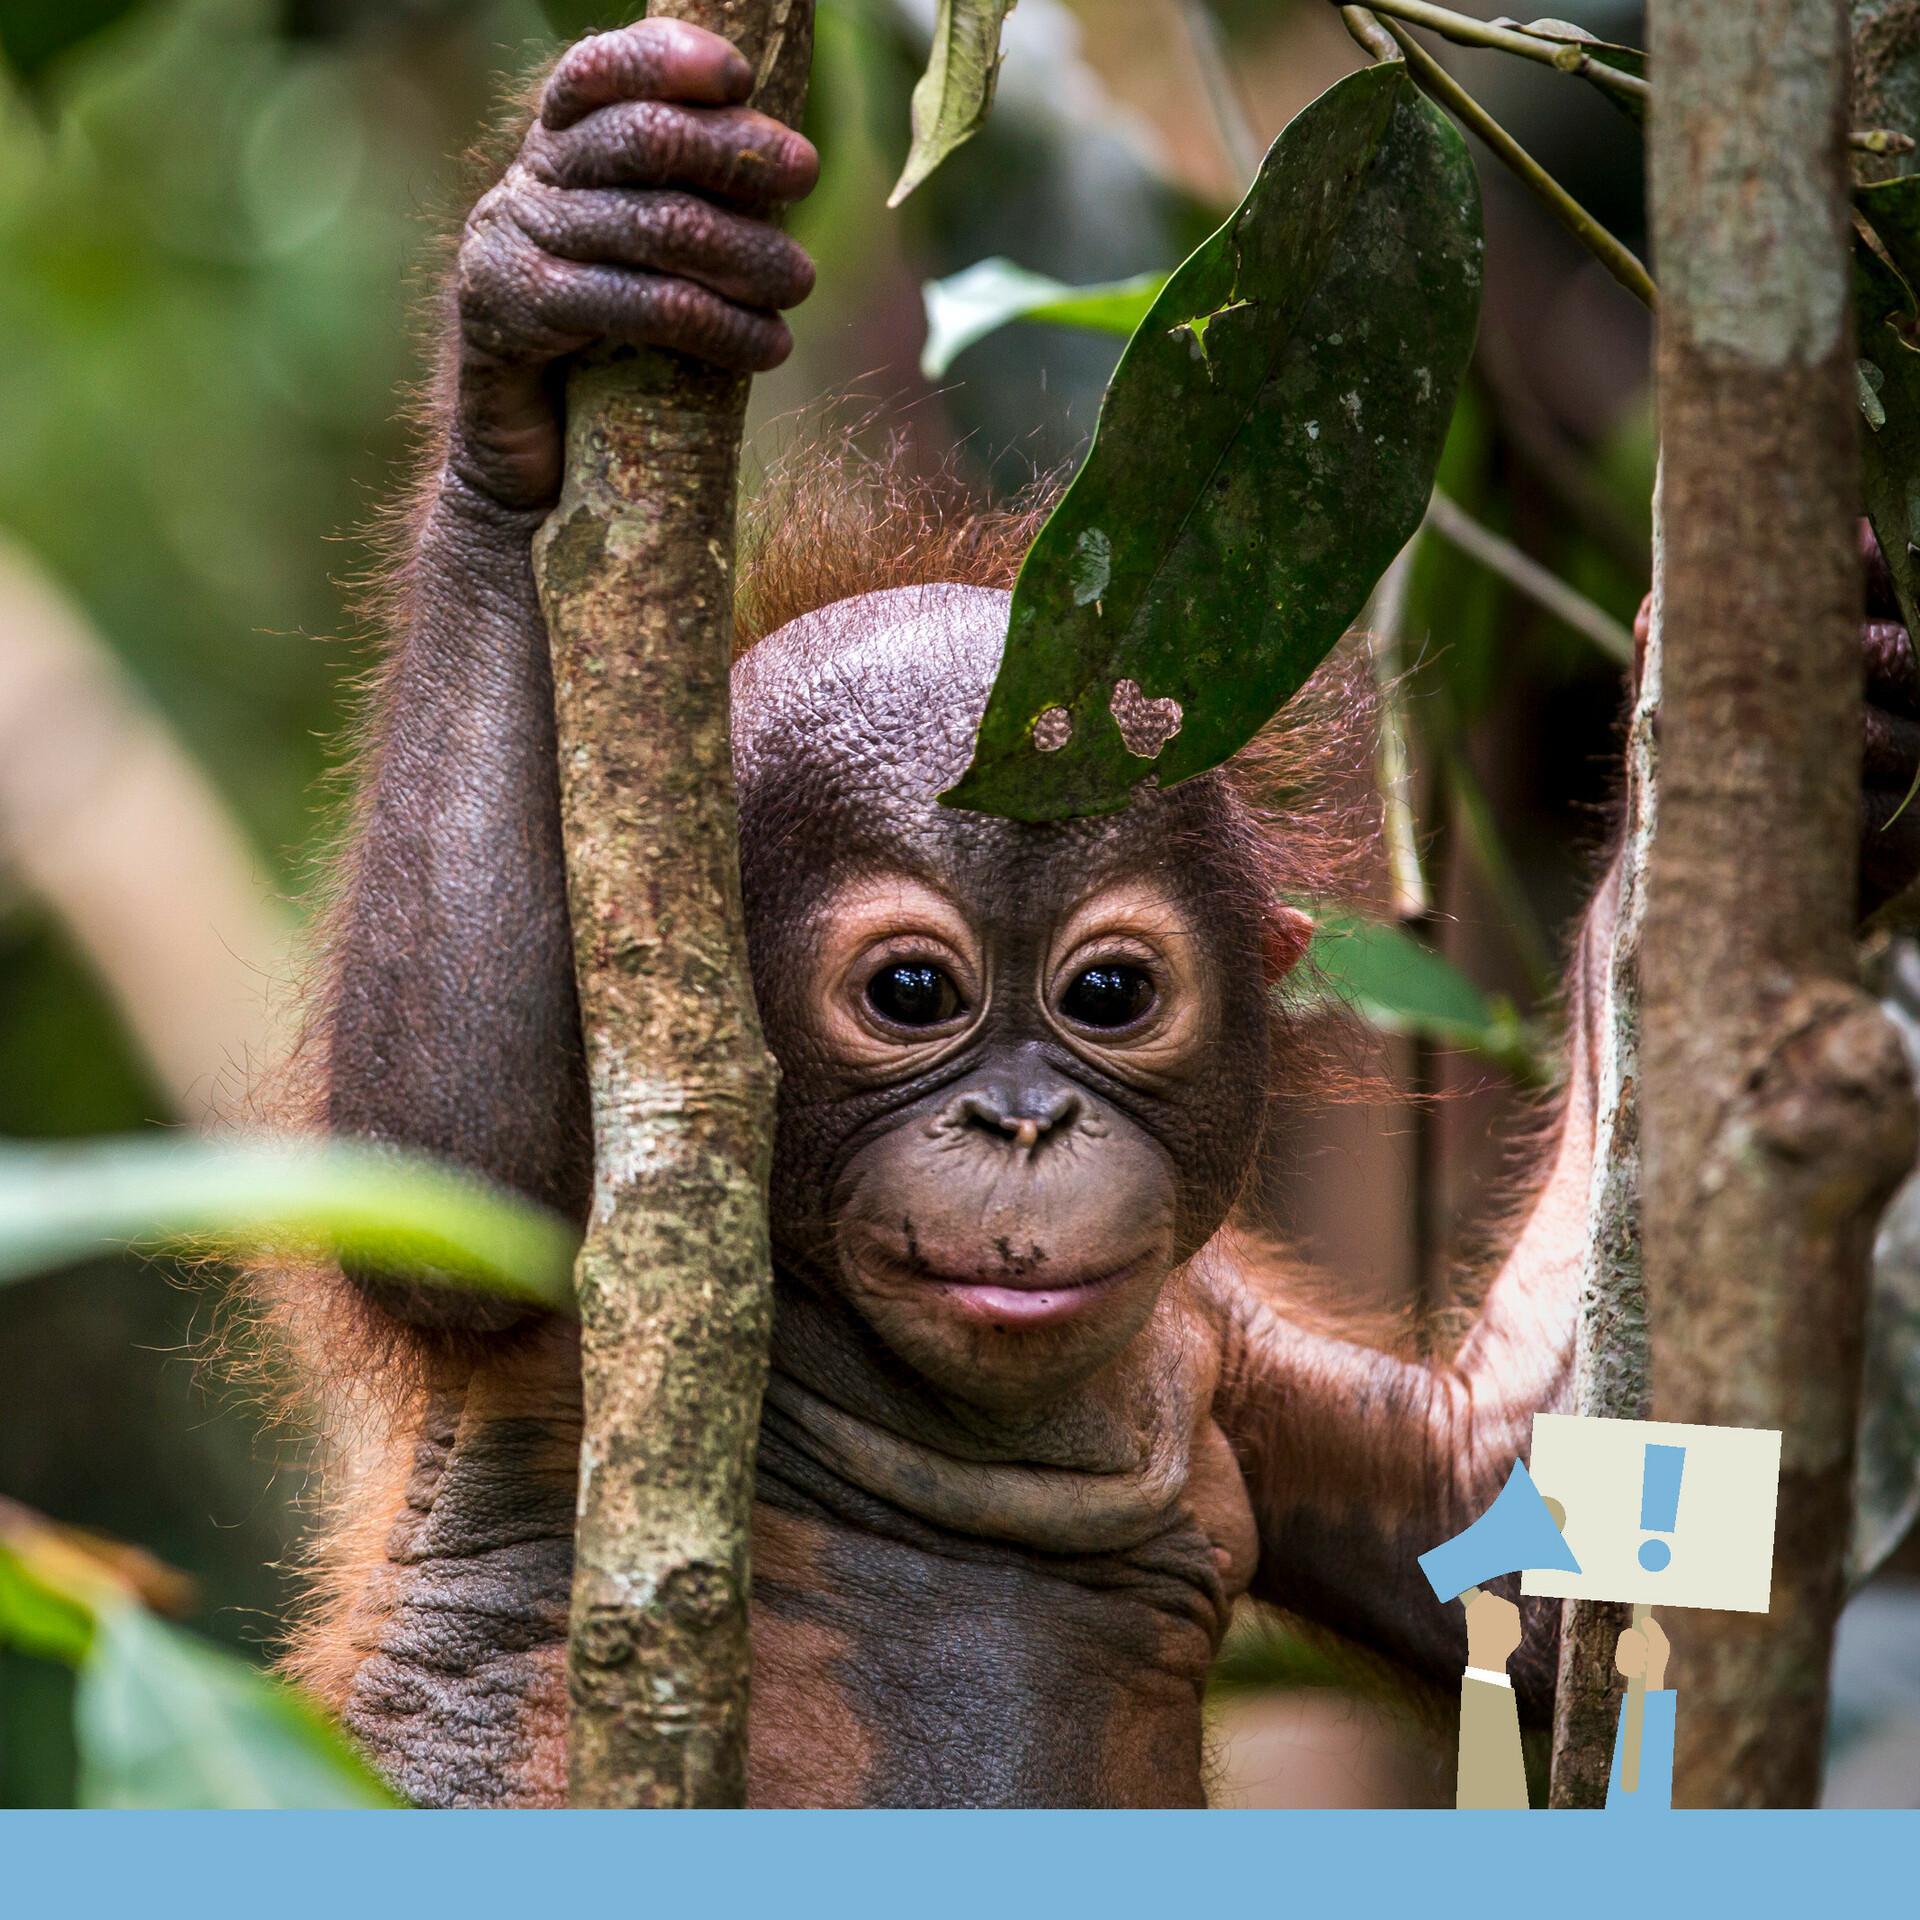 Schönere Neue Welt - Bild mit Orang Utan in Borneo